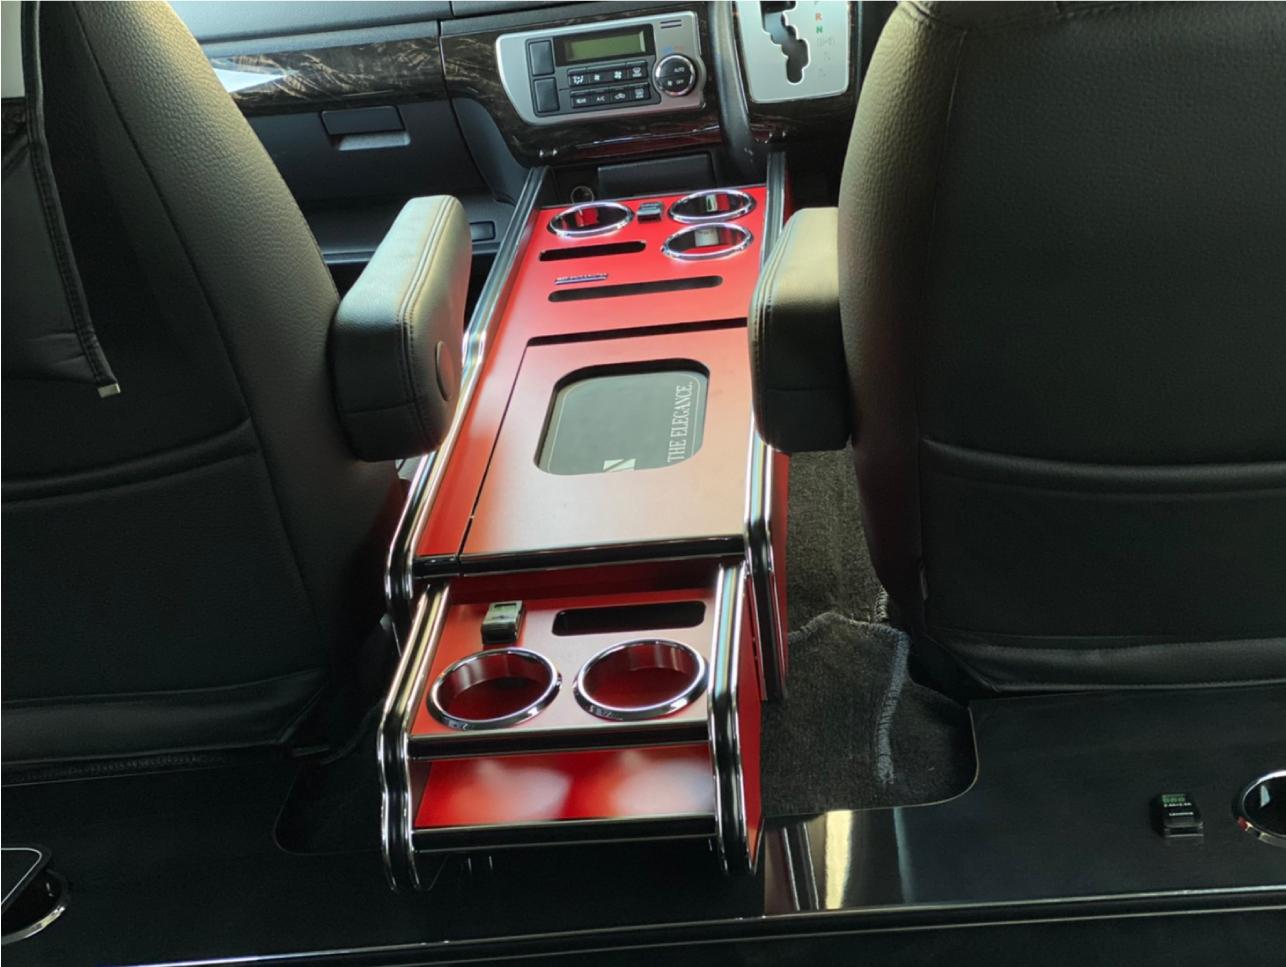 Interior CupHolder 200系ハイエース レガンス インテリアセンターコンソールボックス